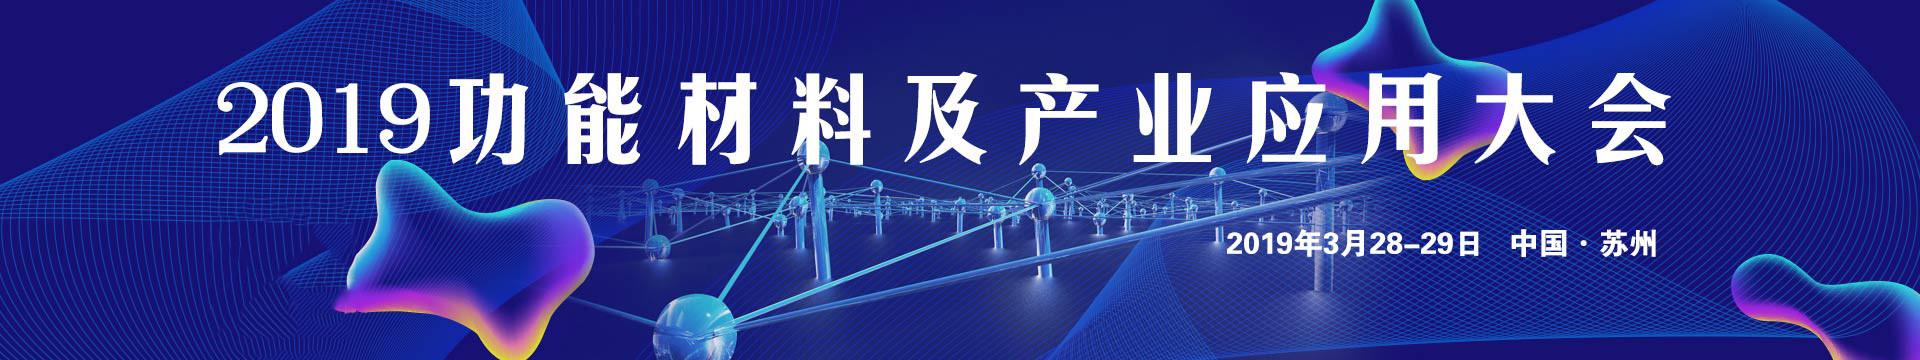 2019功能材料与产业应用大会(苏州)